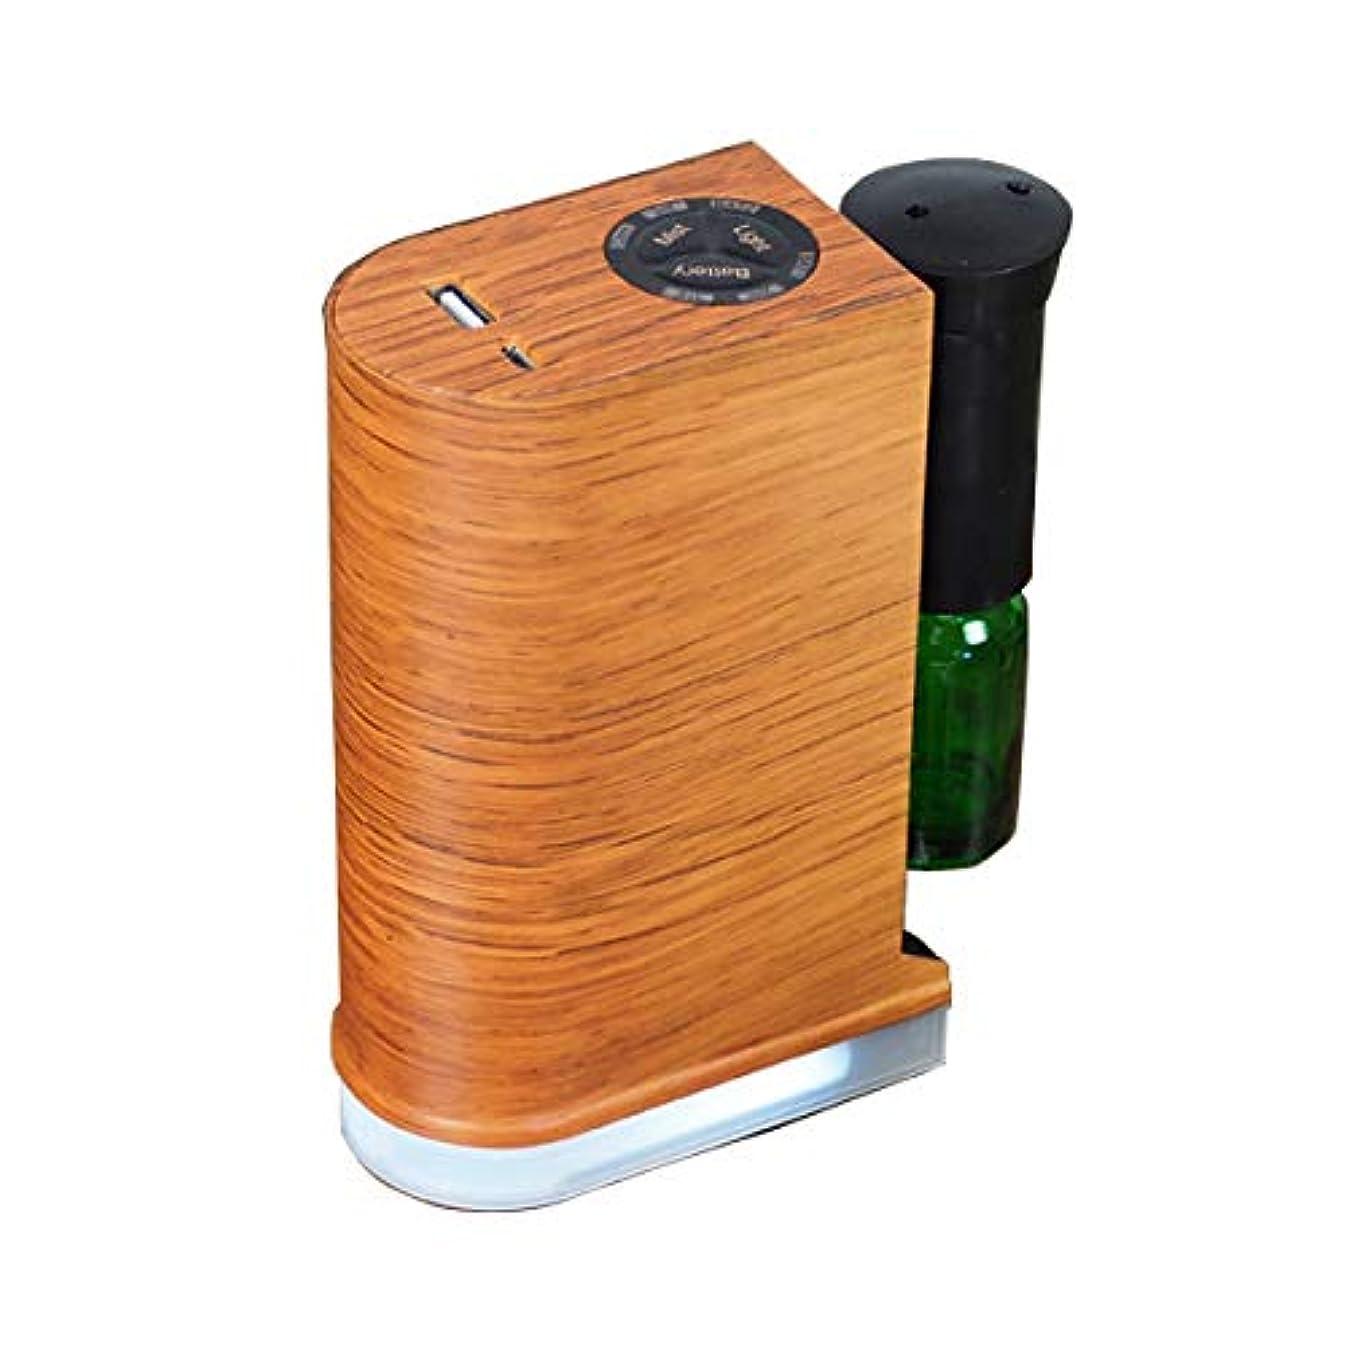 答え適合しましたハイランドアロマデュフューザー 水を使わない ネブライザー式アロマディフューザー LED搭載 アロマオイル 精油 アロマ芳香 (ブラウン)